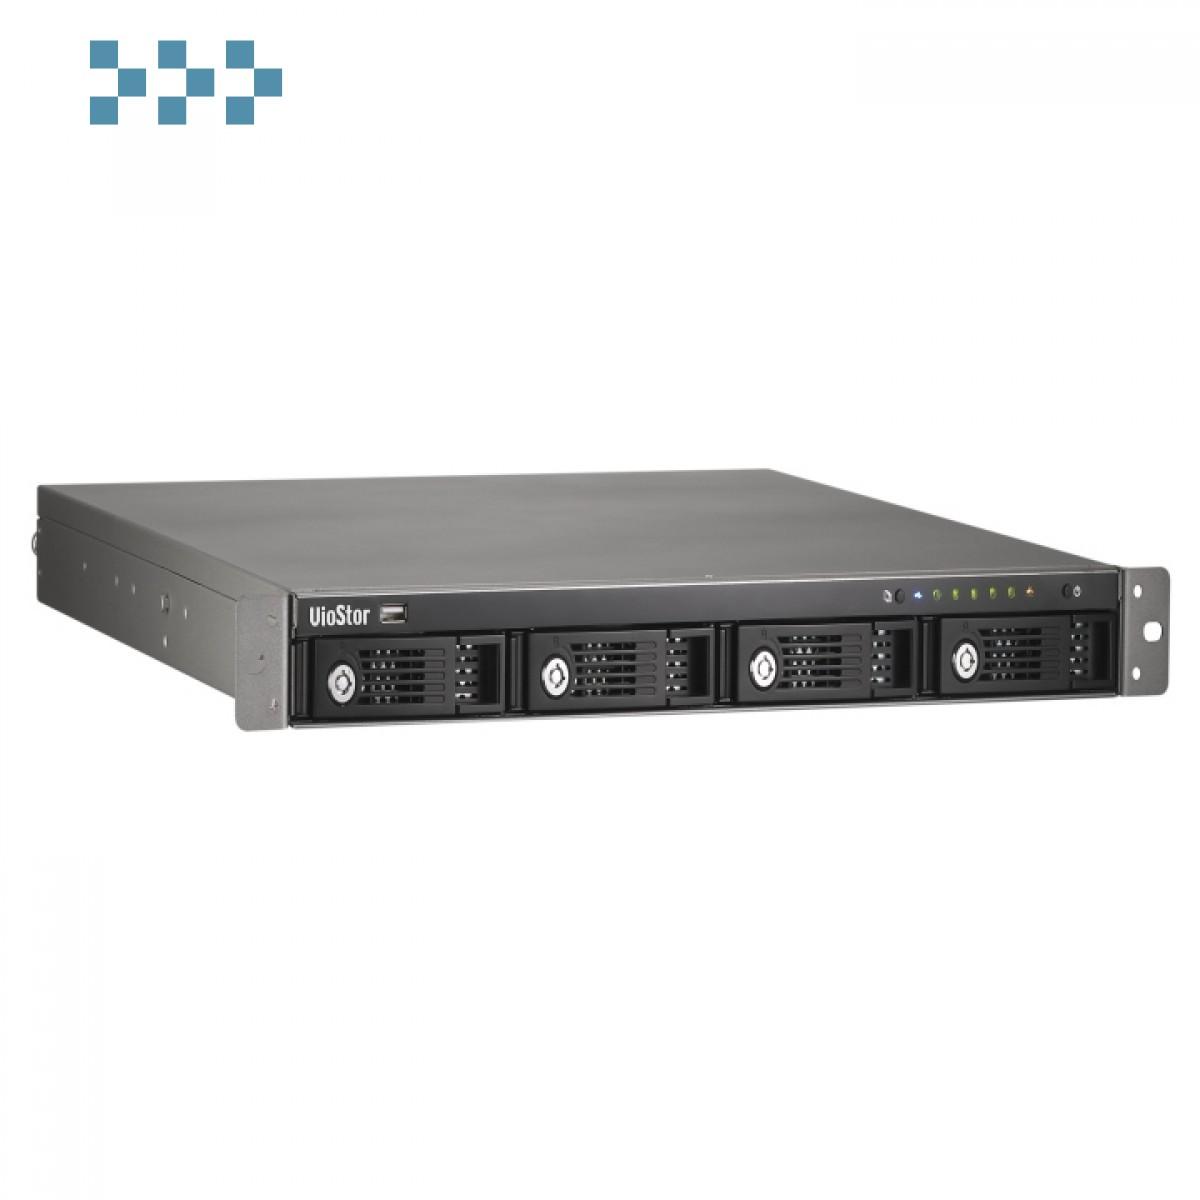 Цифровой видеорегистратор QNAP VS-4016U-RP Pro